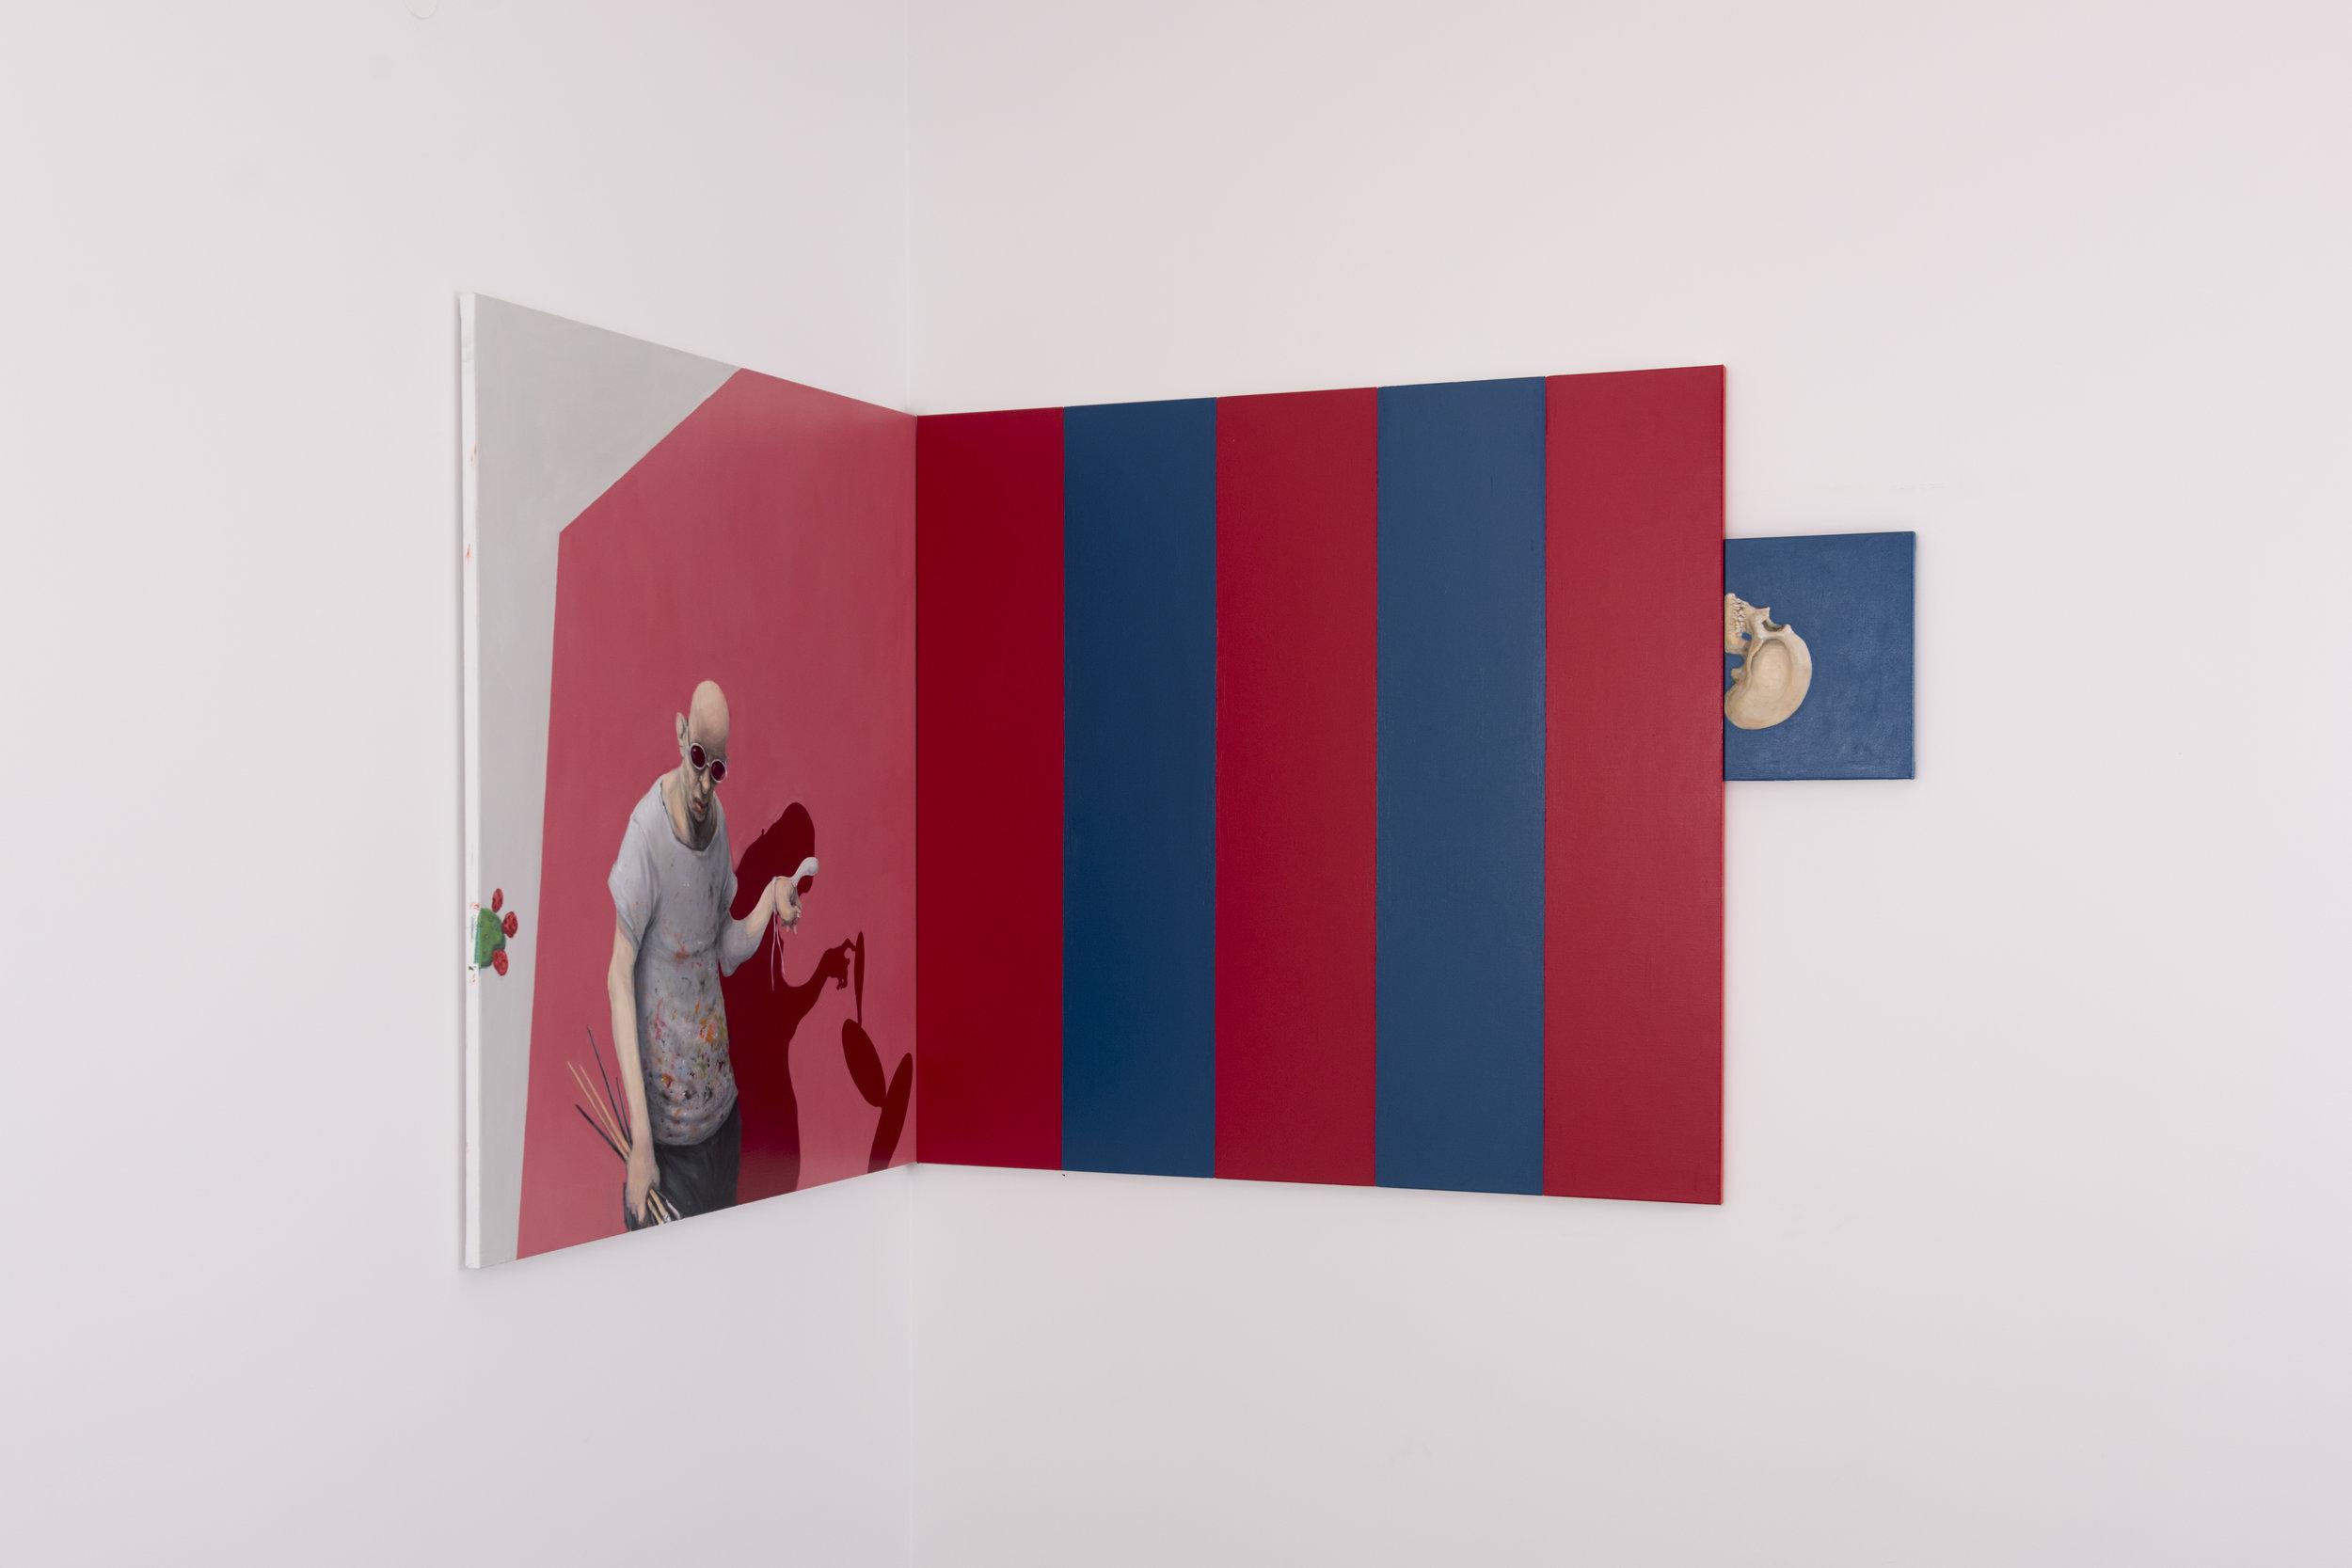 """I """"Nothing But a Bloody Circus"""" står en kunstmaler og grubler. I høyre bildekant sees en hodeskalle."""